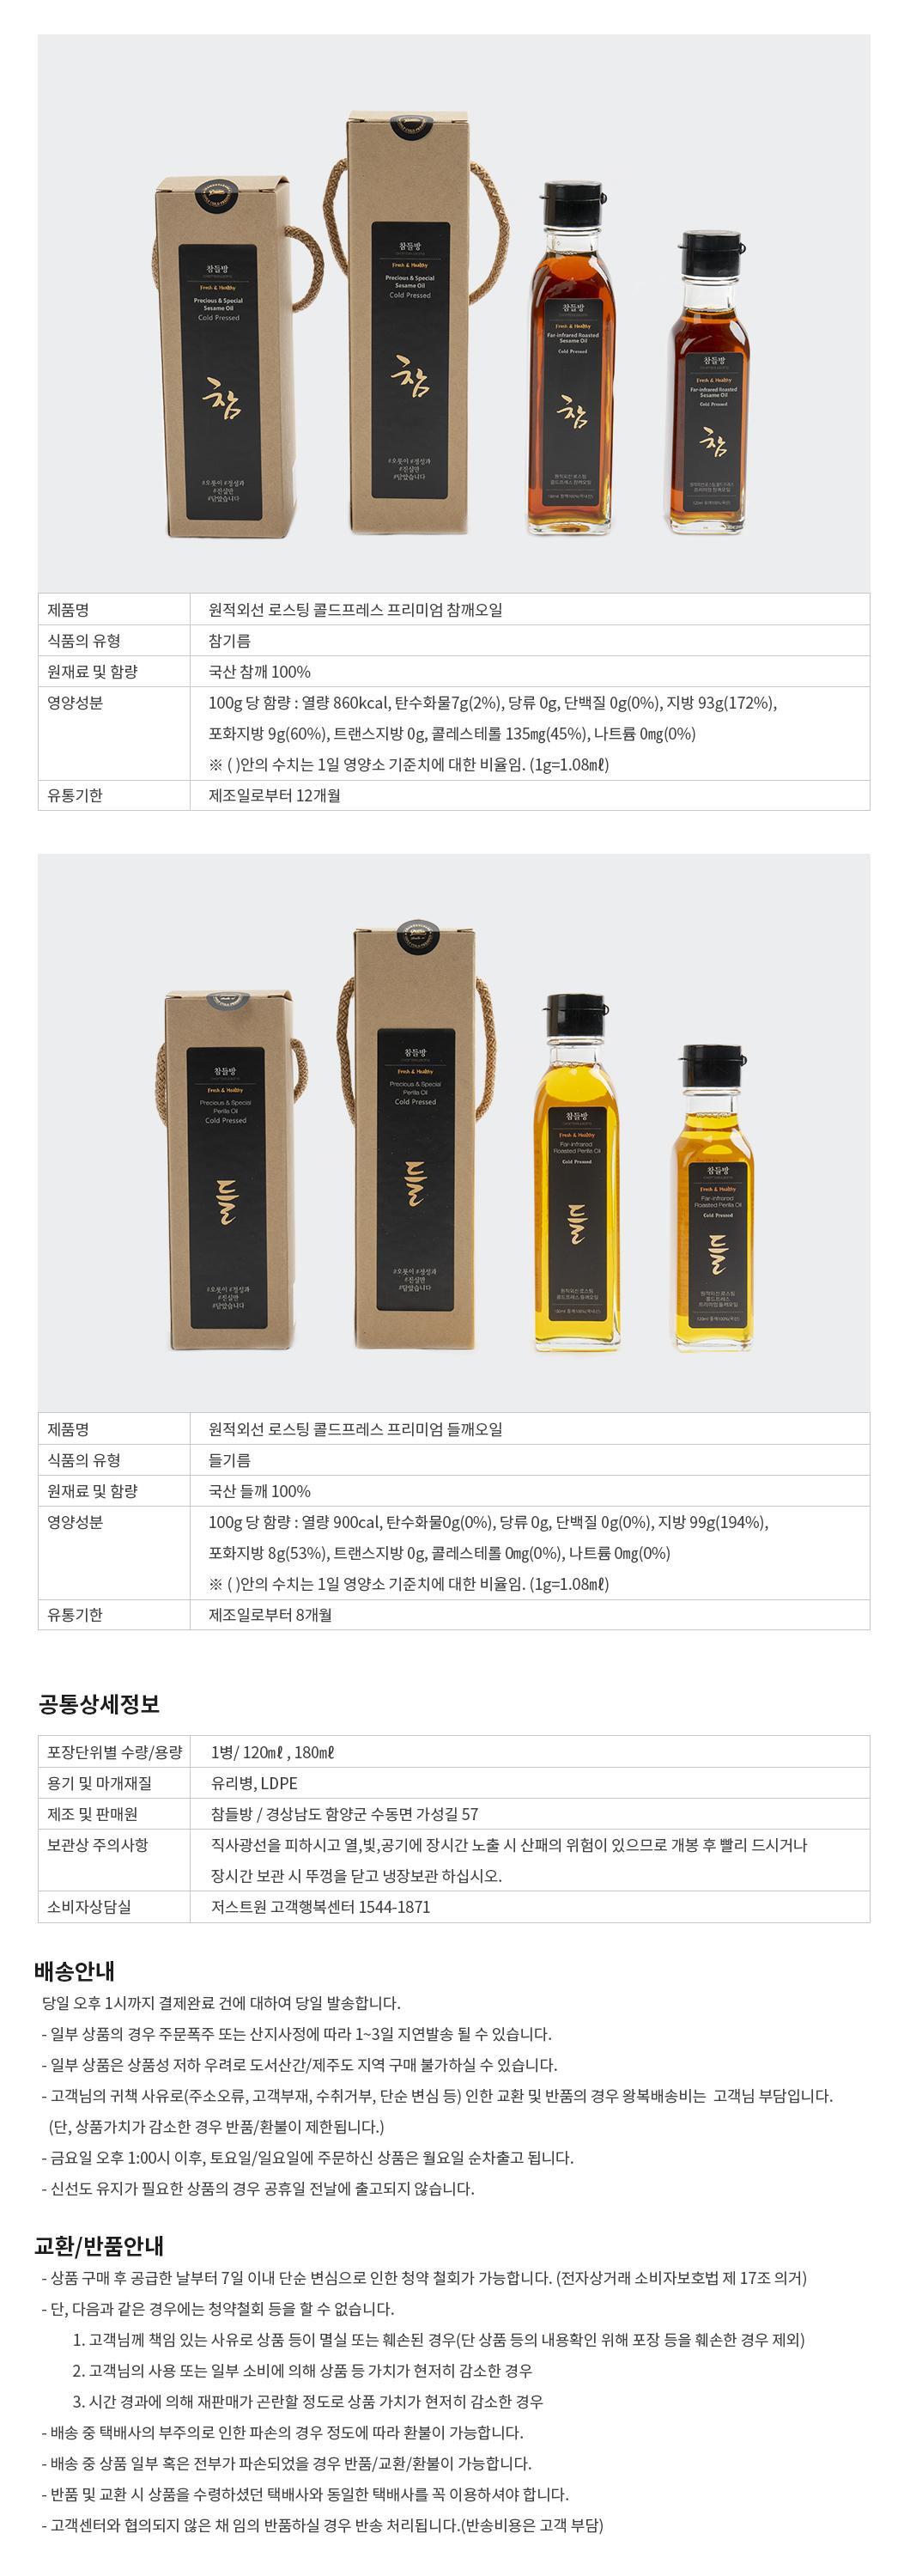 참들방-기름.jpg